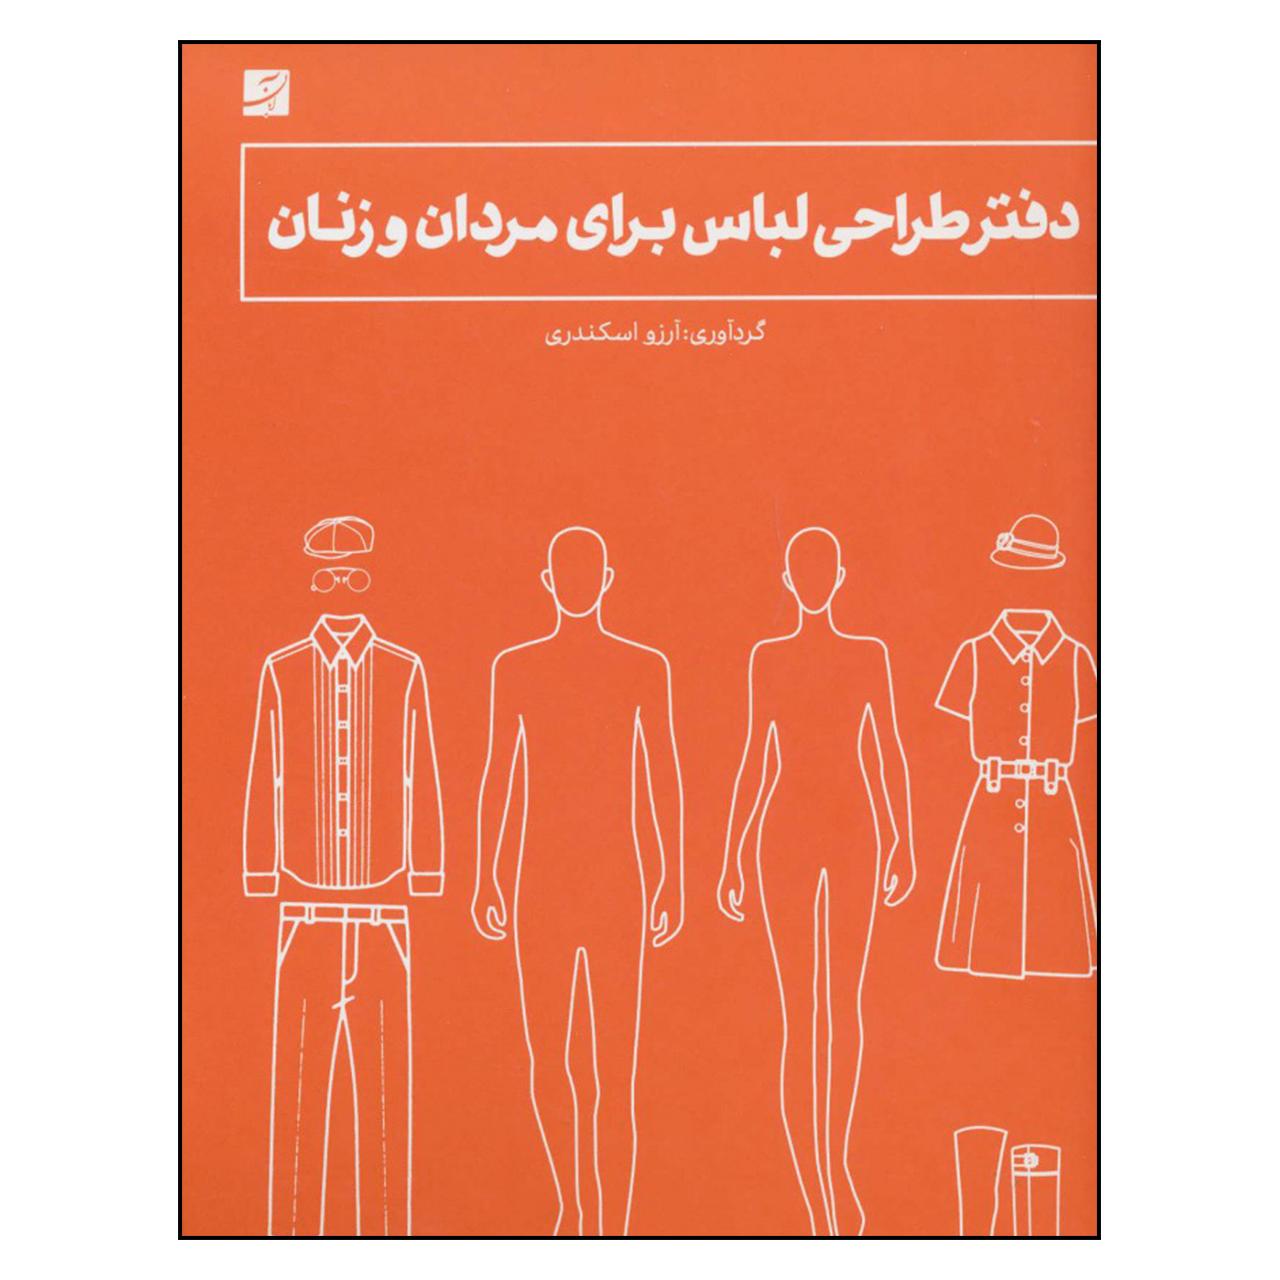 کتاب دفتر طراحی لباس برای مردان و زنان اثر آرزو اسکندری نشر آبان